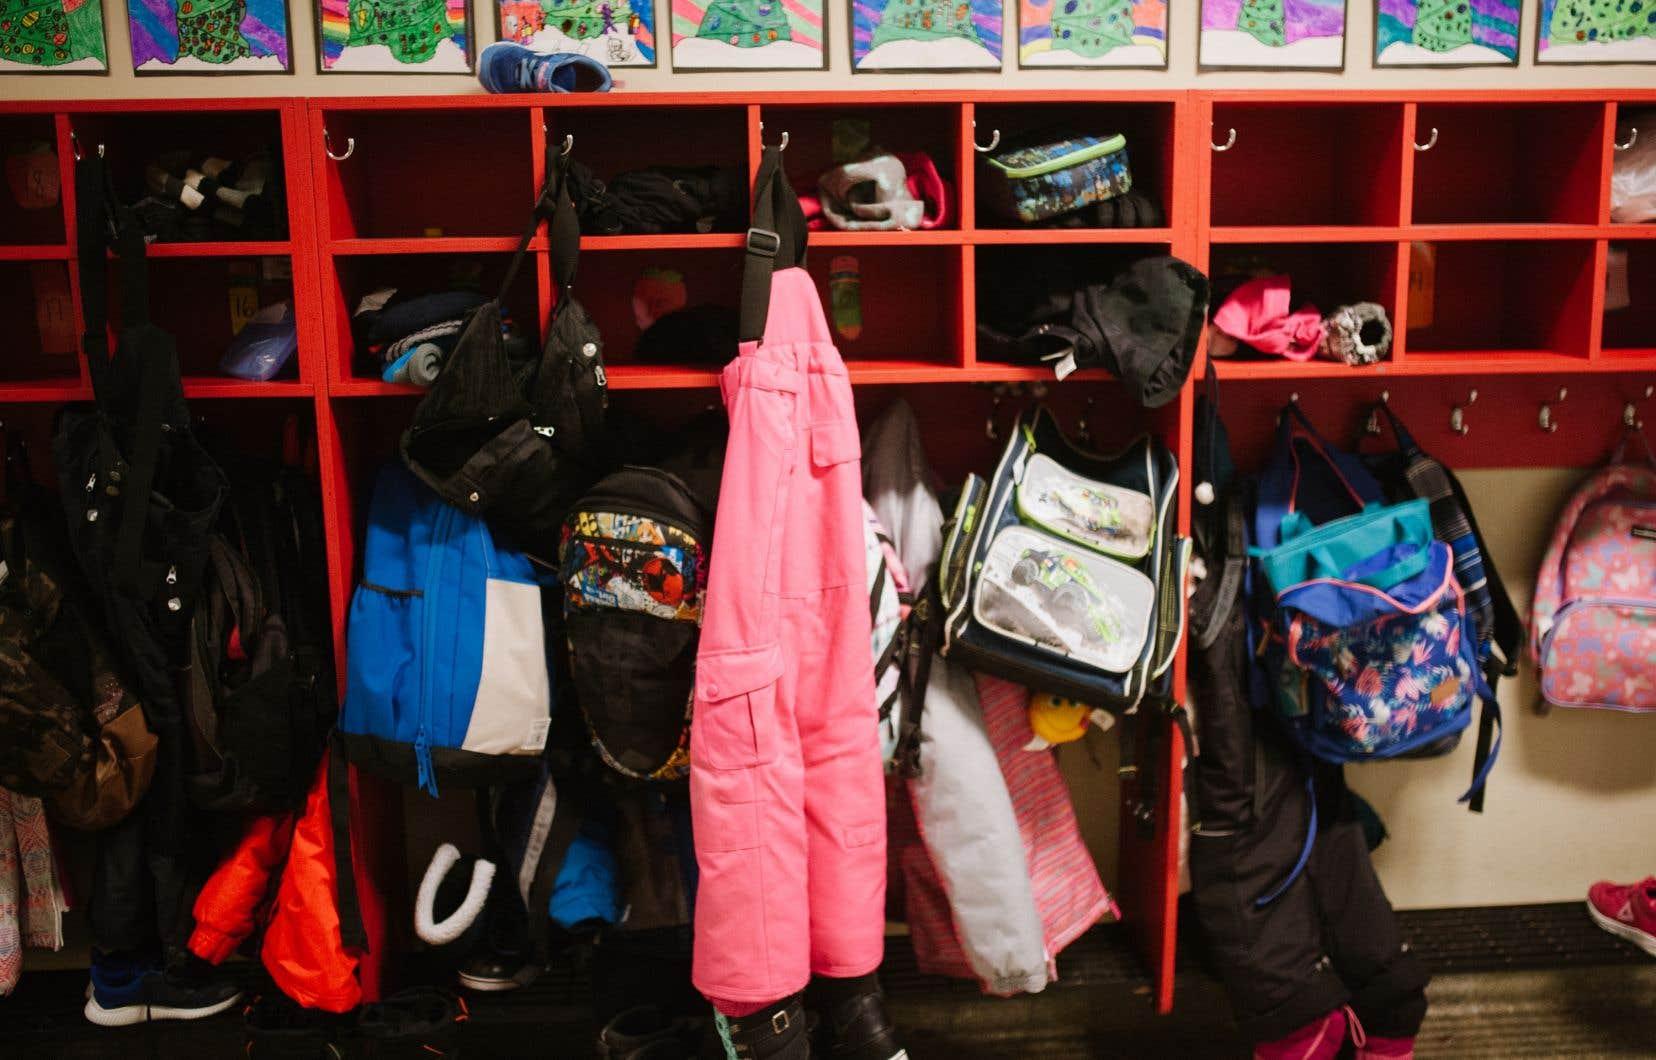 Les représentants du Réseau Partage et de Jeunesse au Soleil confirment une hausse considérable de la demande cette année sur l'île de Montréal. À eux seuls, ces deux organismes ont préparé plus de 7000 sacs à dos remplis de fournitures scolaires et leurs bénévoles sont toujours à l'oeuvre.